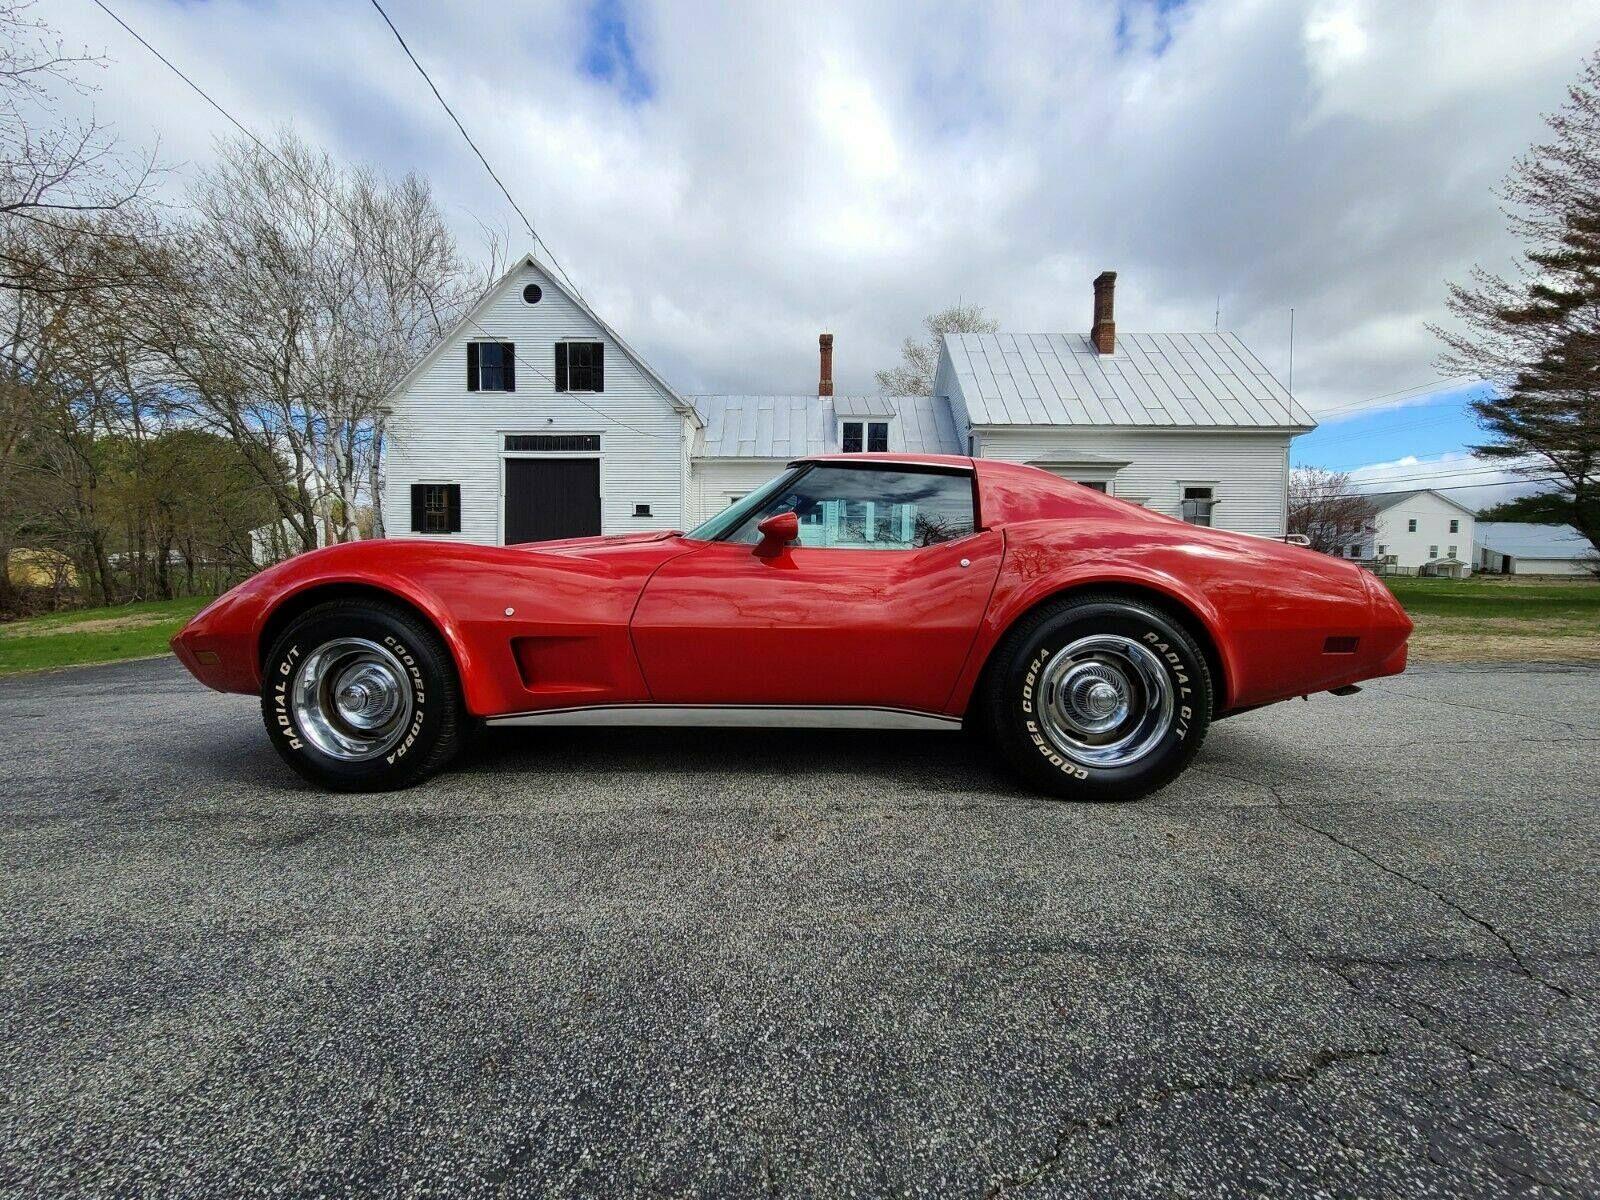 1977 Chevrolet Corvette Corvette For Sale Chevrolet Corvette Chevrolet